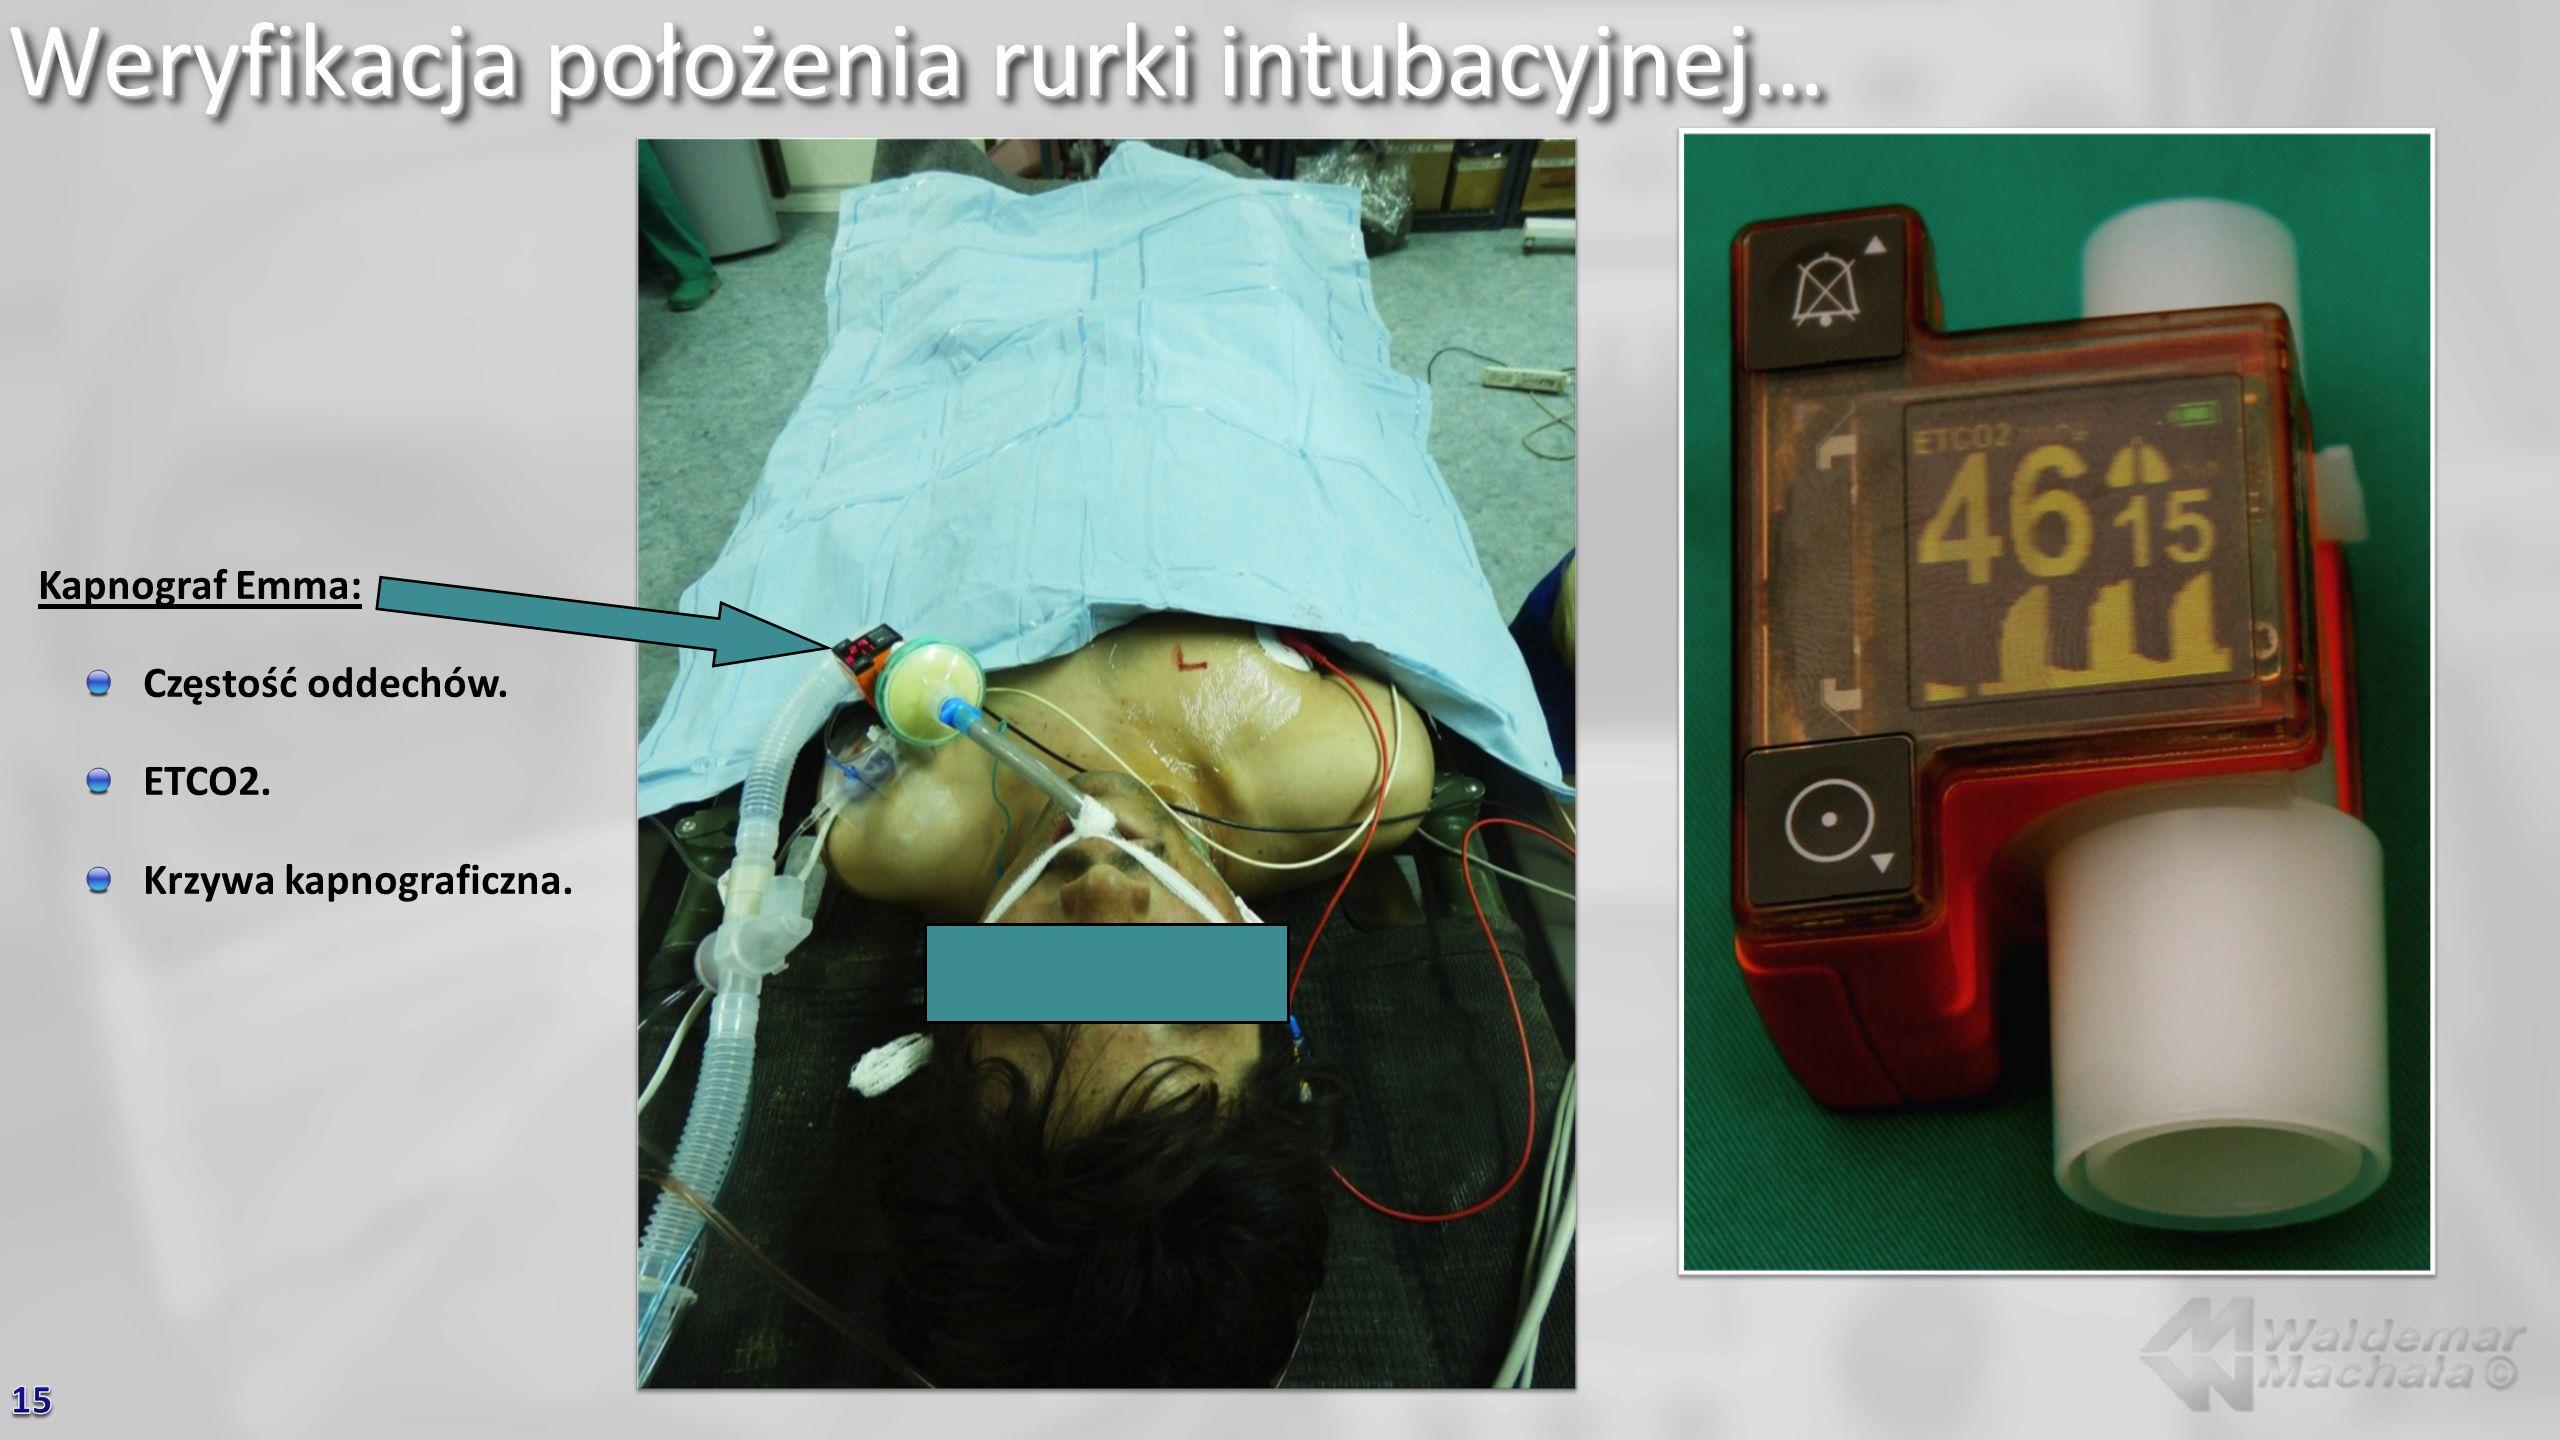 Weryfikacja położenia rurki intubacyjnej… Kapnograf Emma: Częstość oddechów. ETCO2. Krzywa kapnograficzna.